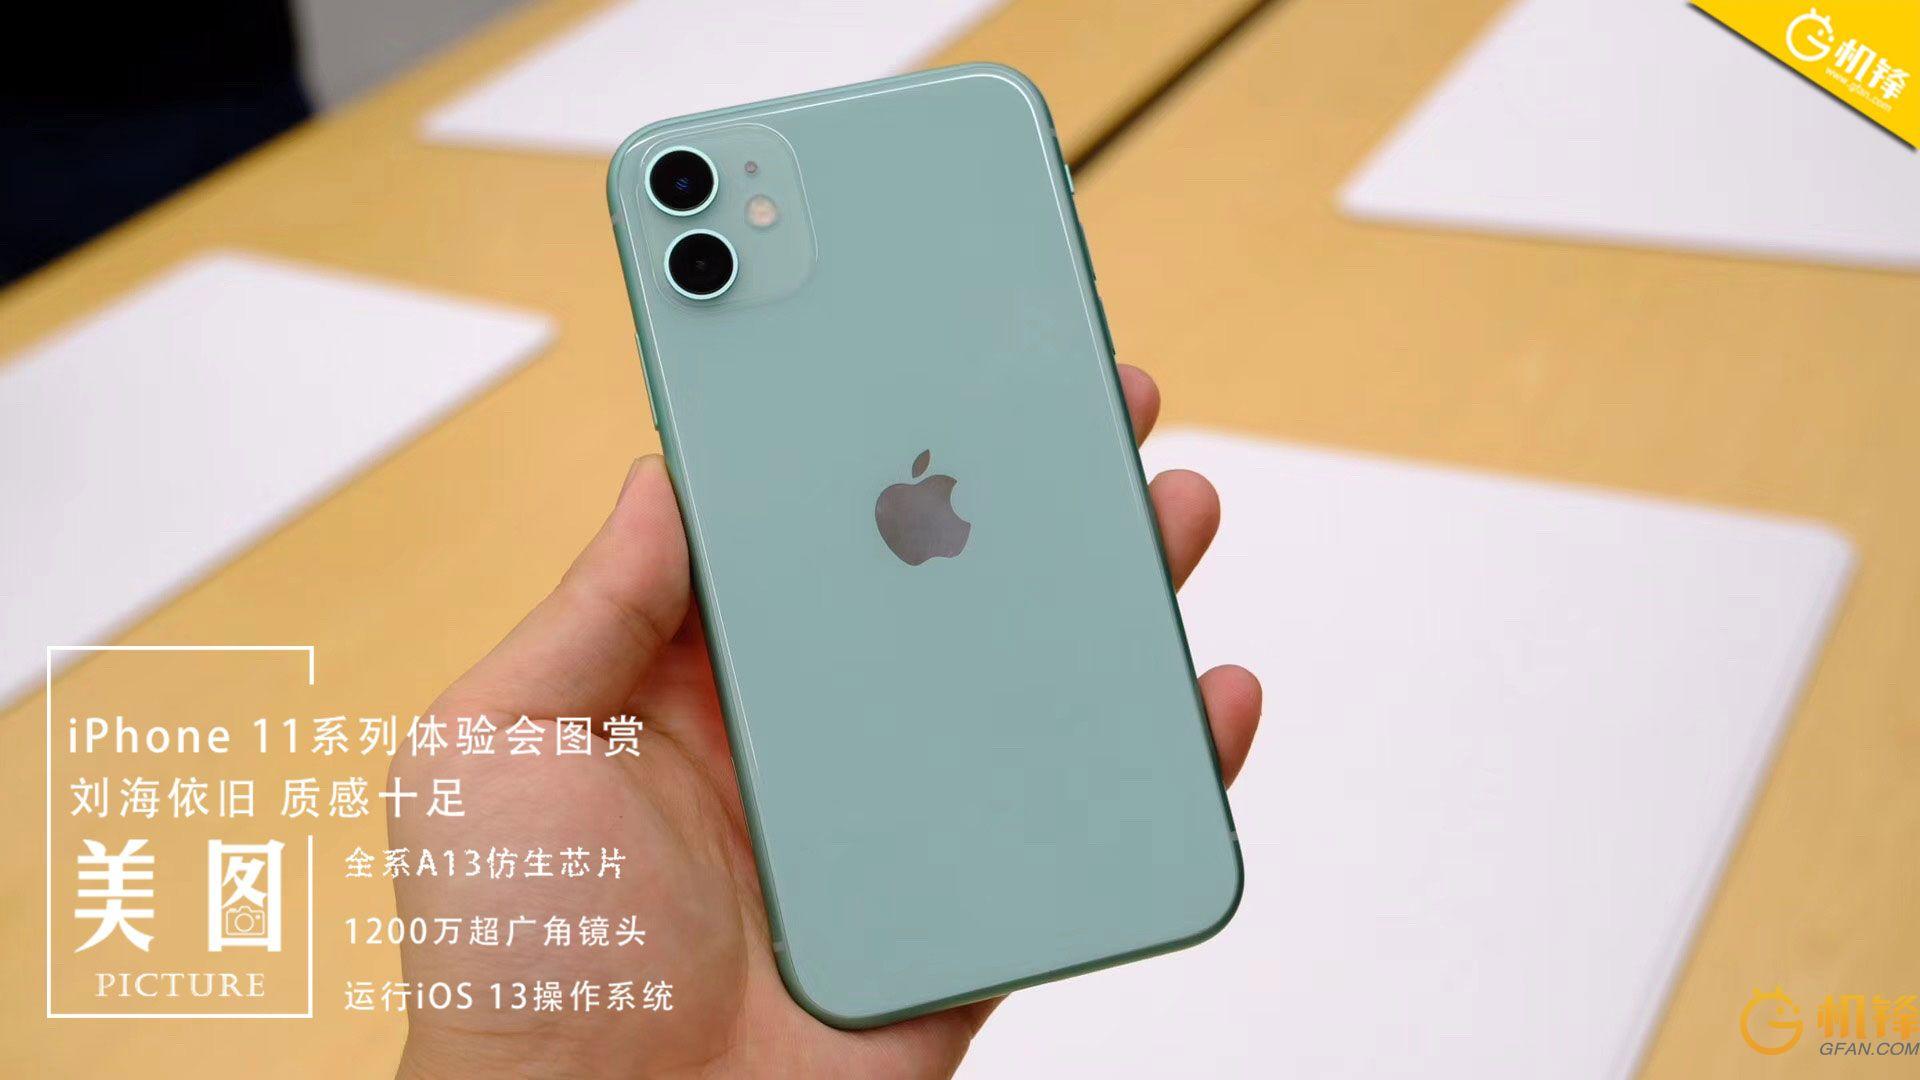 iPhone 11苹果体验会图赏 超广角镜头加持,续航更持久